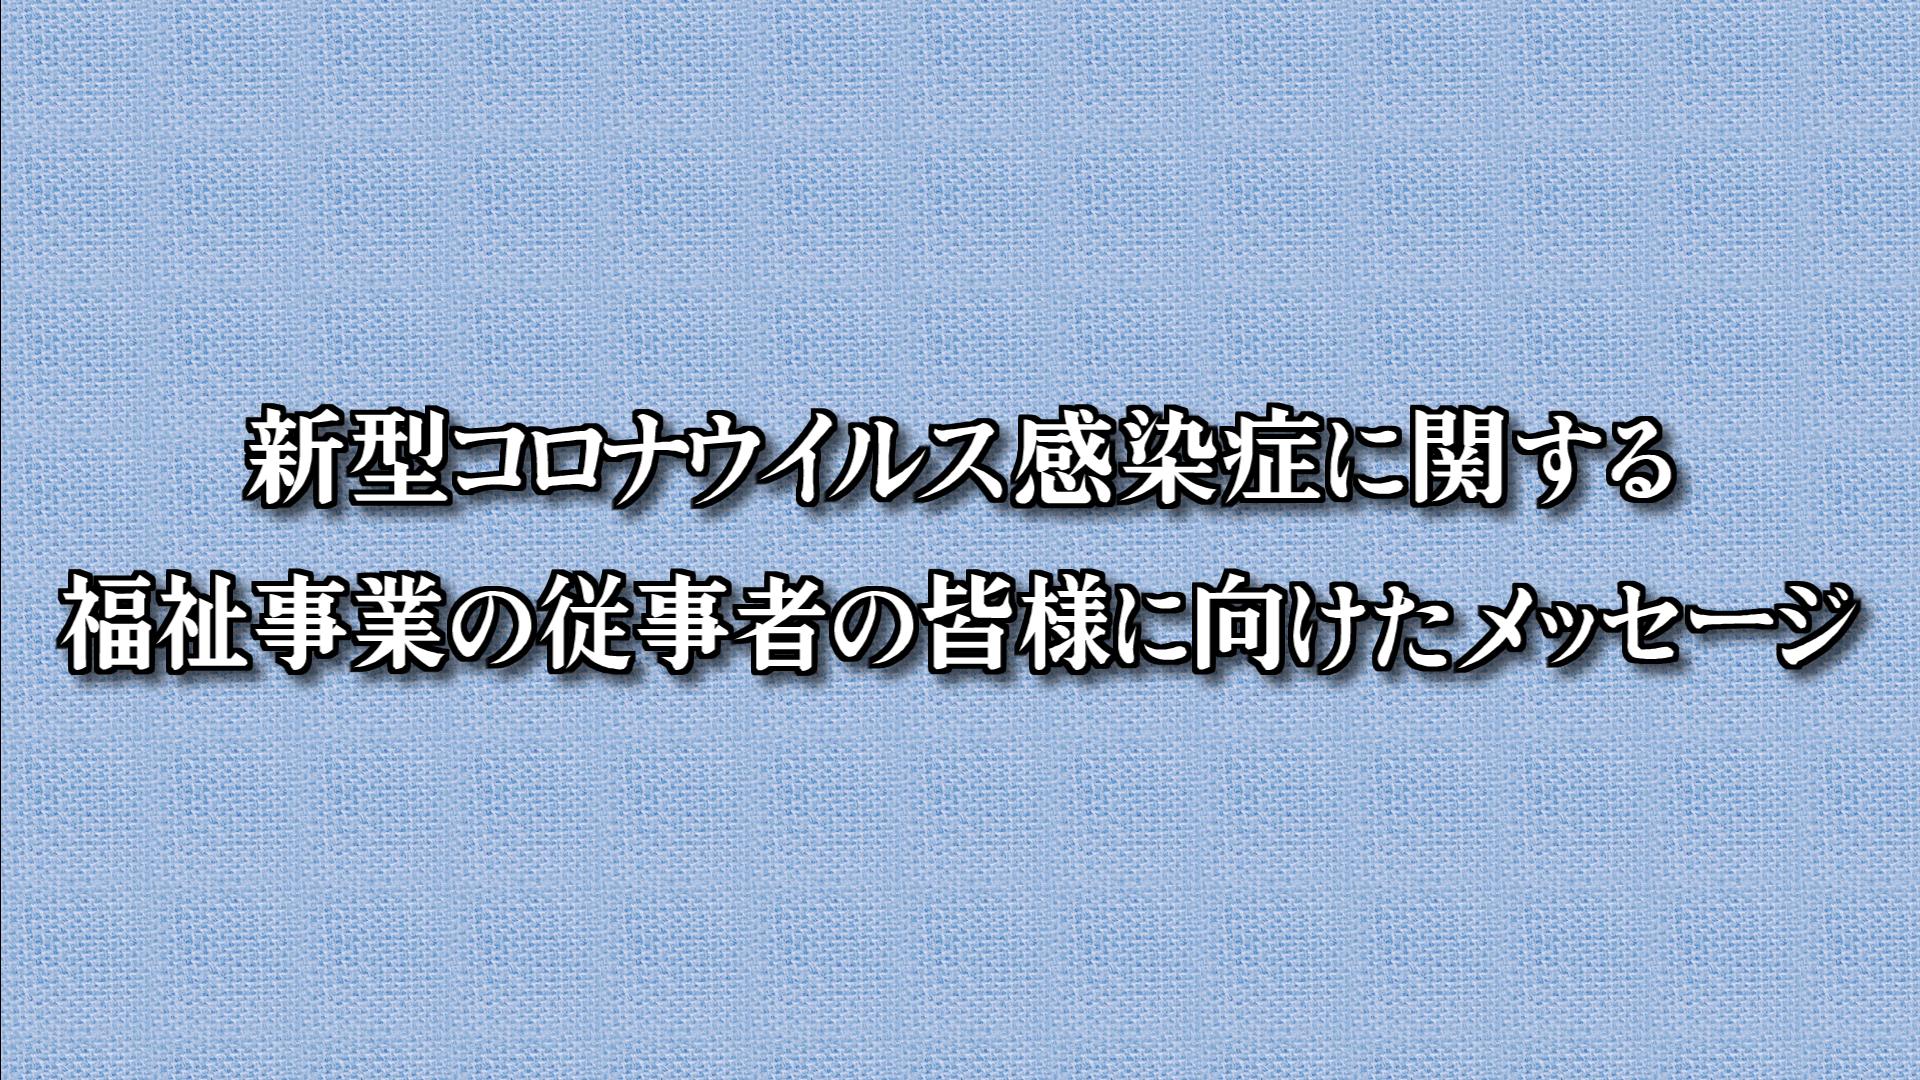 【0298】新型コロナウイルス感染拡大に伴う福祉事業の従事者の皆様に向けたメ.png